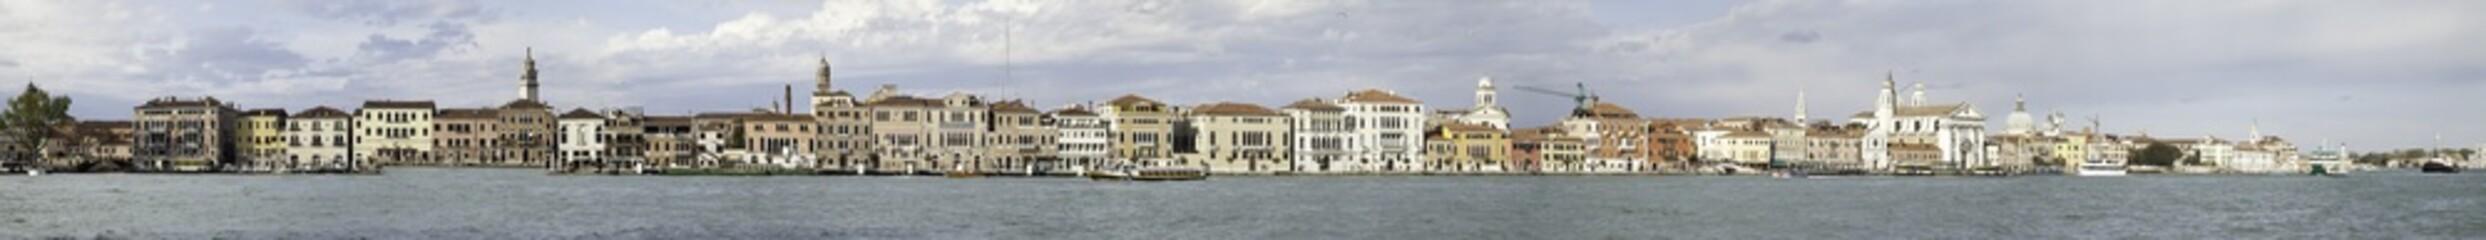 Panoramica dell'isola della Giudecca a Venezia